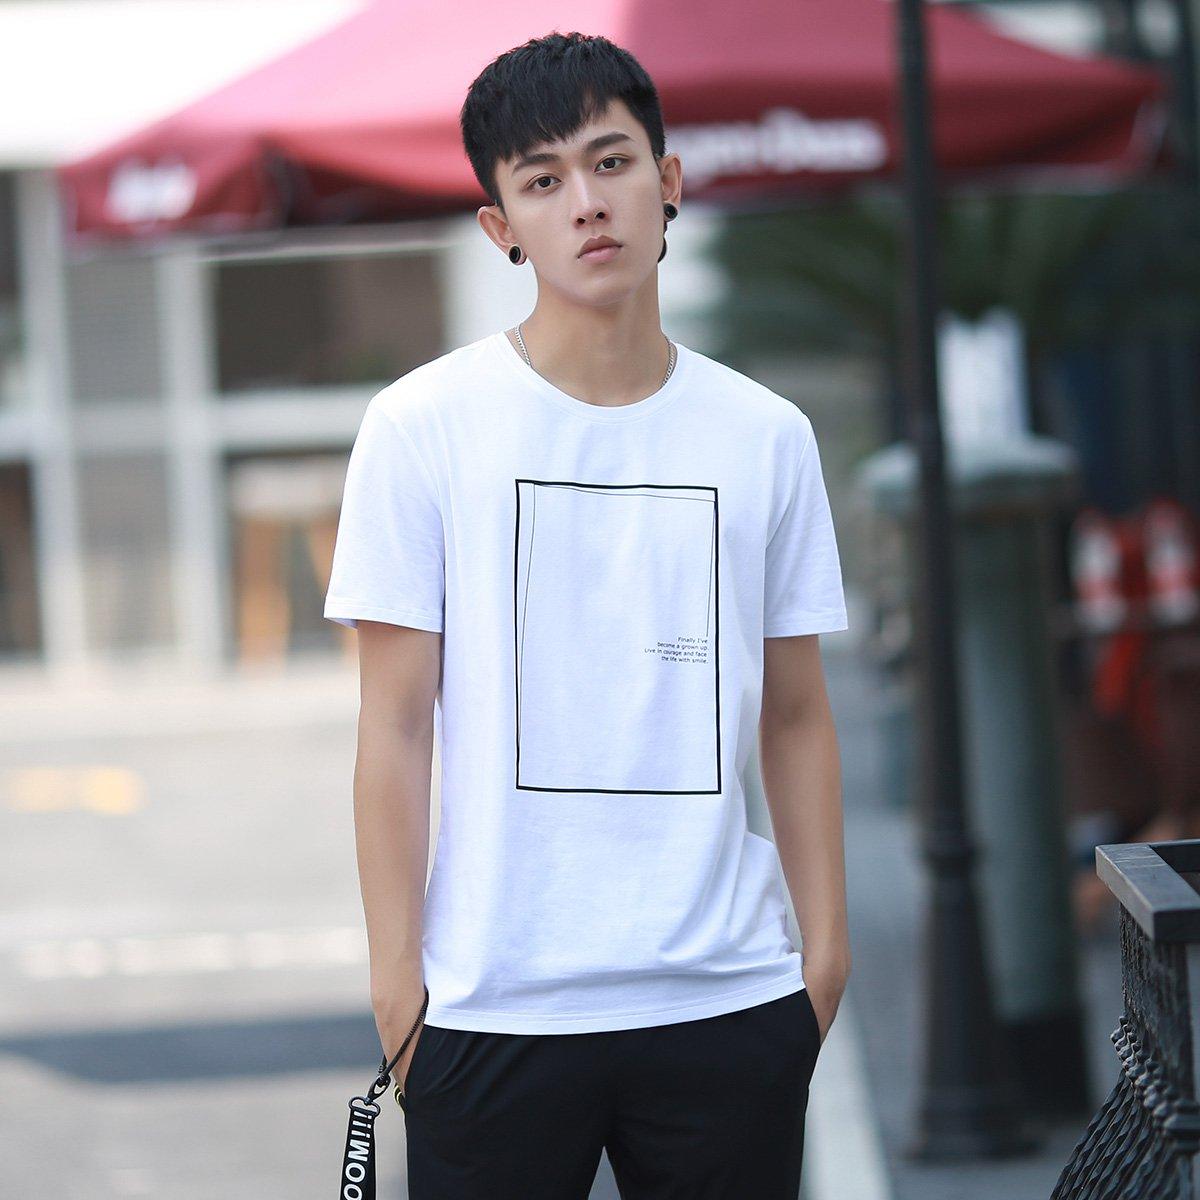 森马棉弹线框留白设计印花短袖男士t恤图片